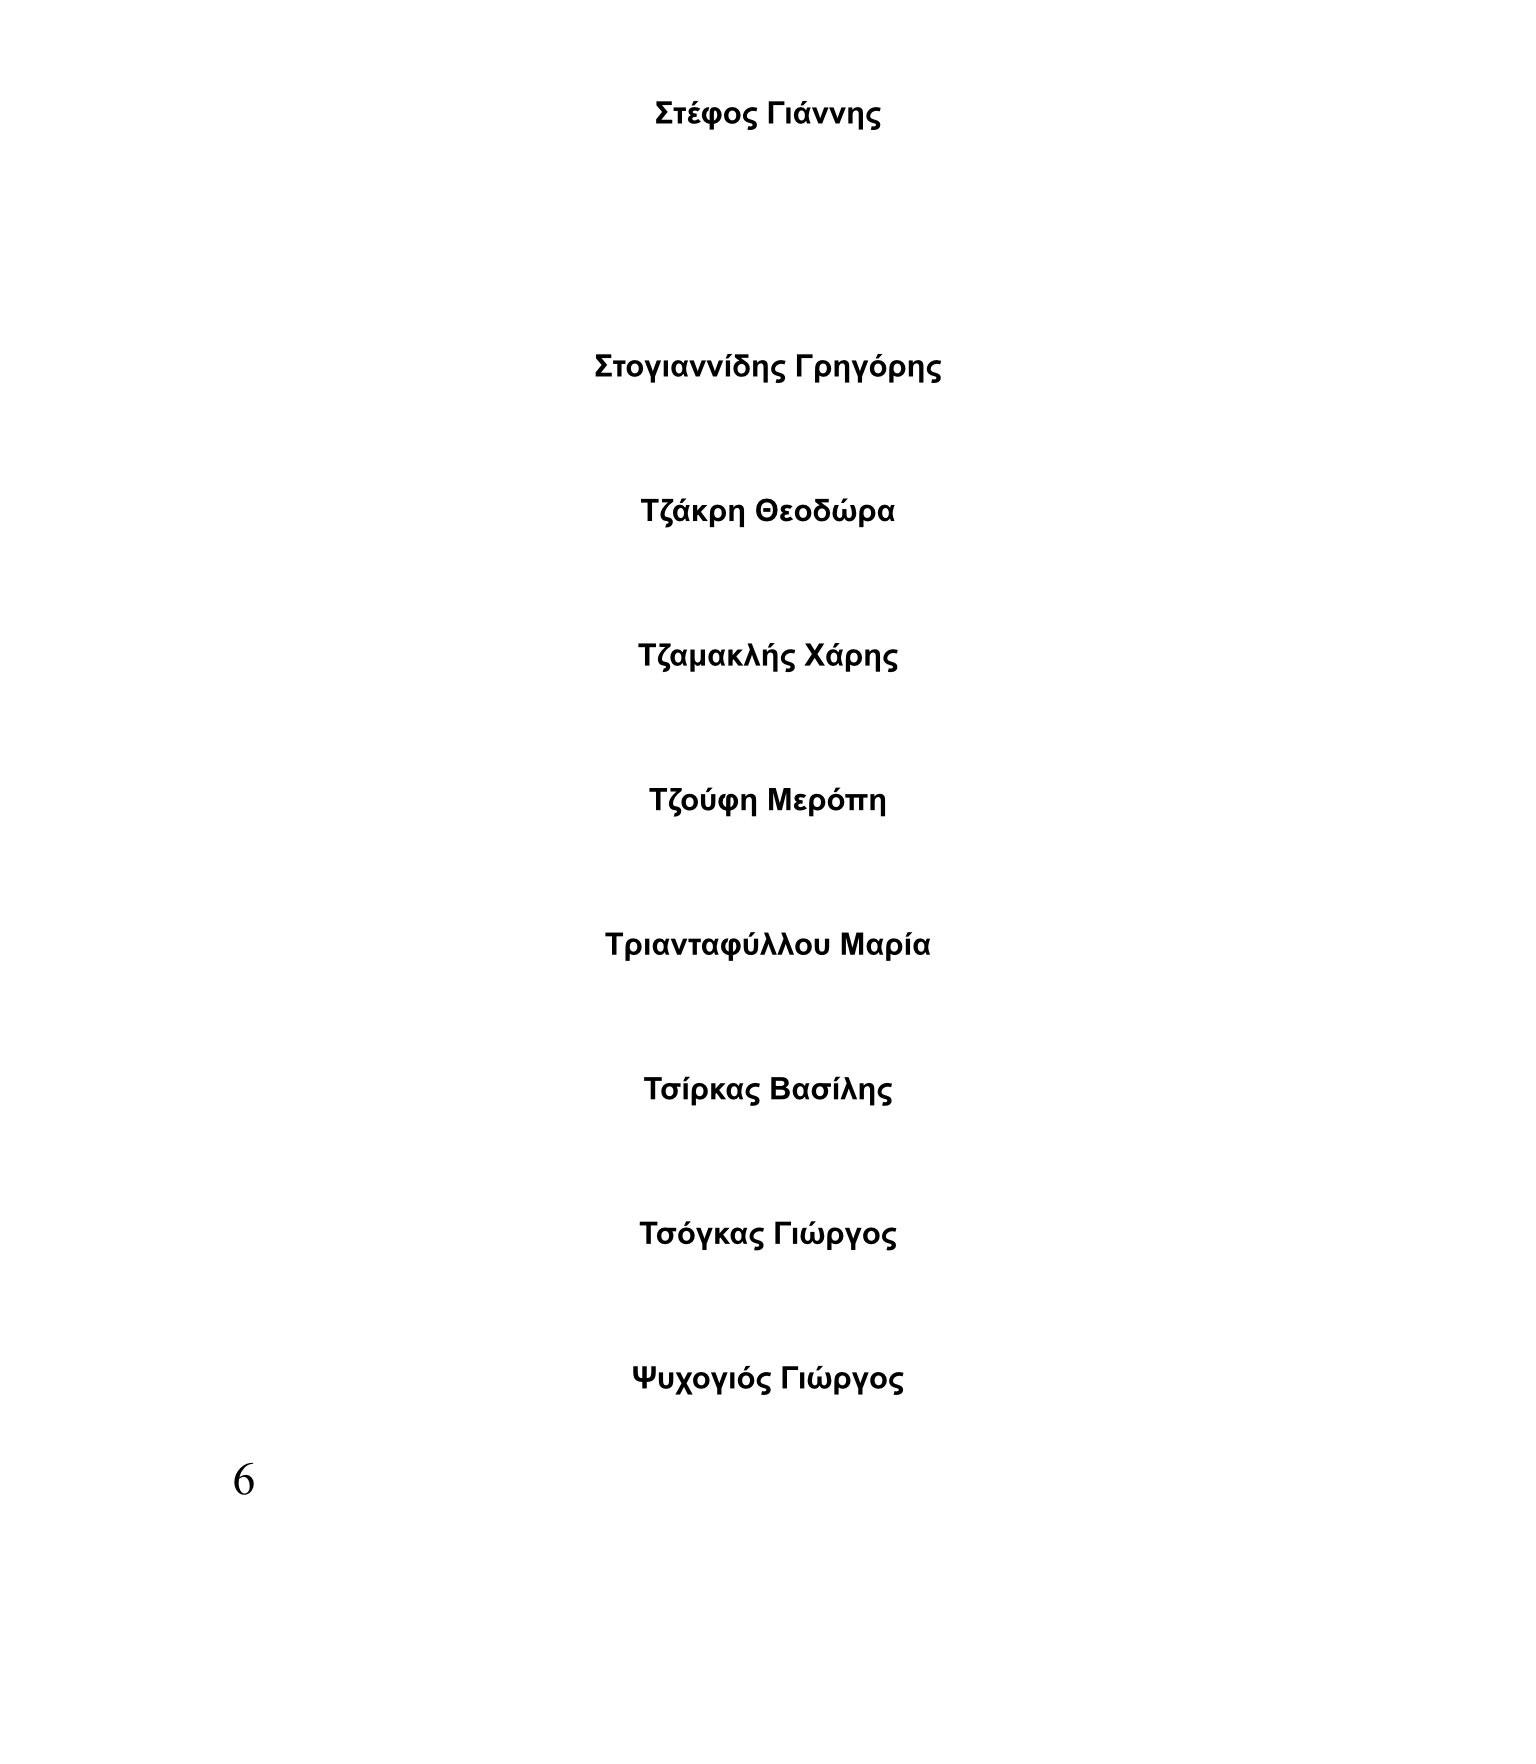 tropologia-syriza-gia-proslipseis-ston-organismo-eggeion-veltioseon11